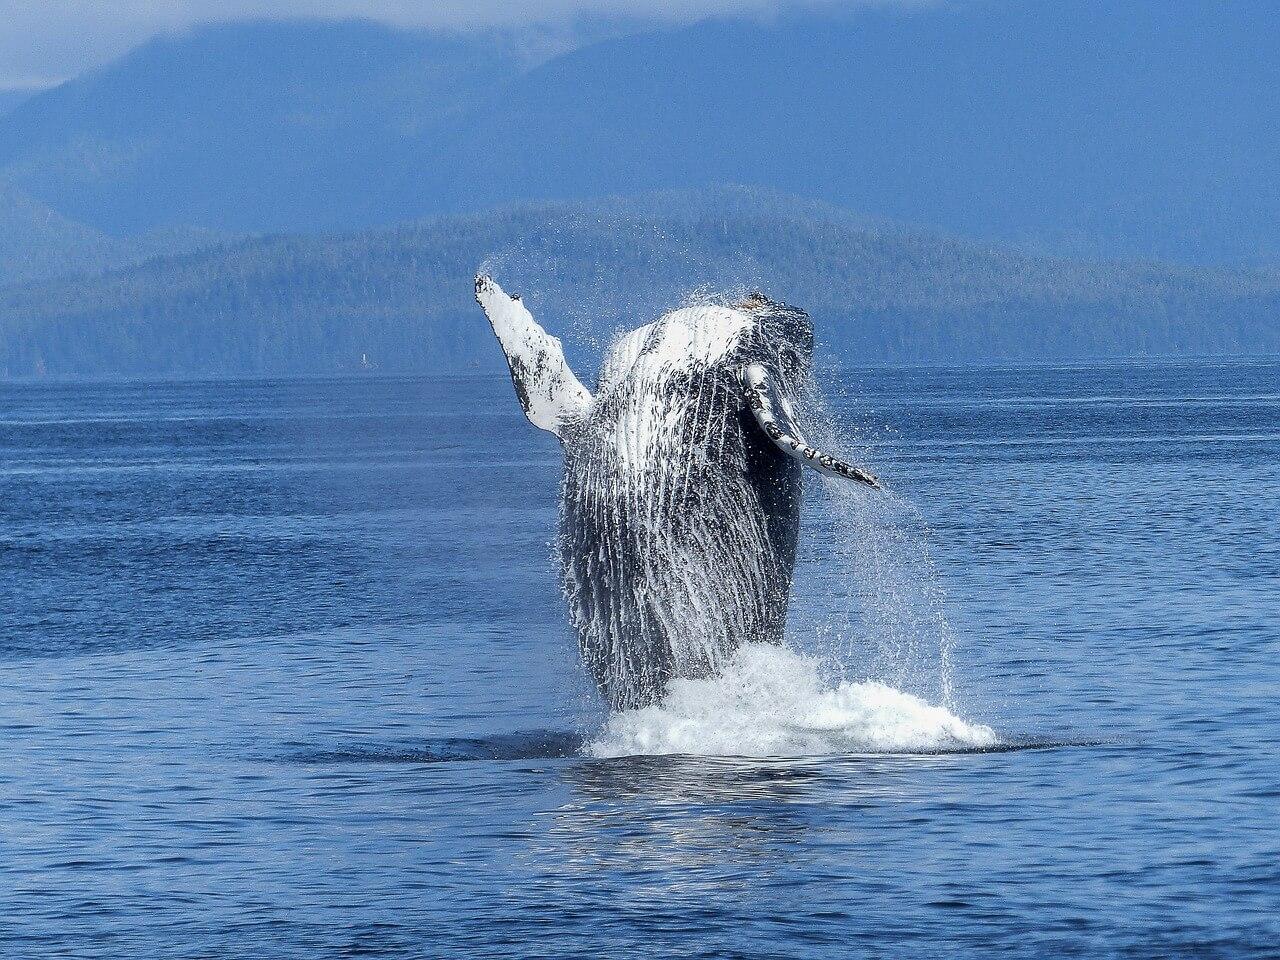 humpback-whale-431902_1280.jpg